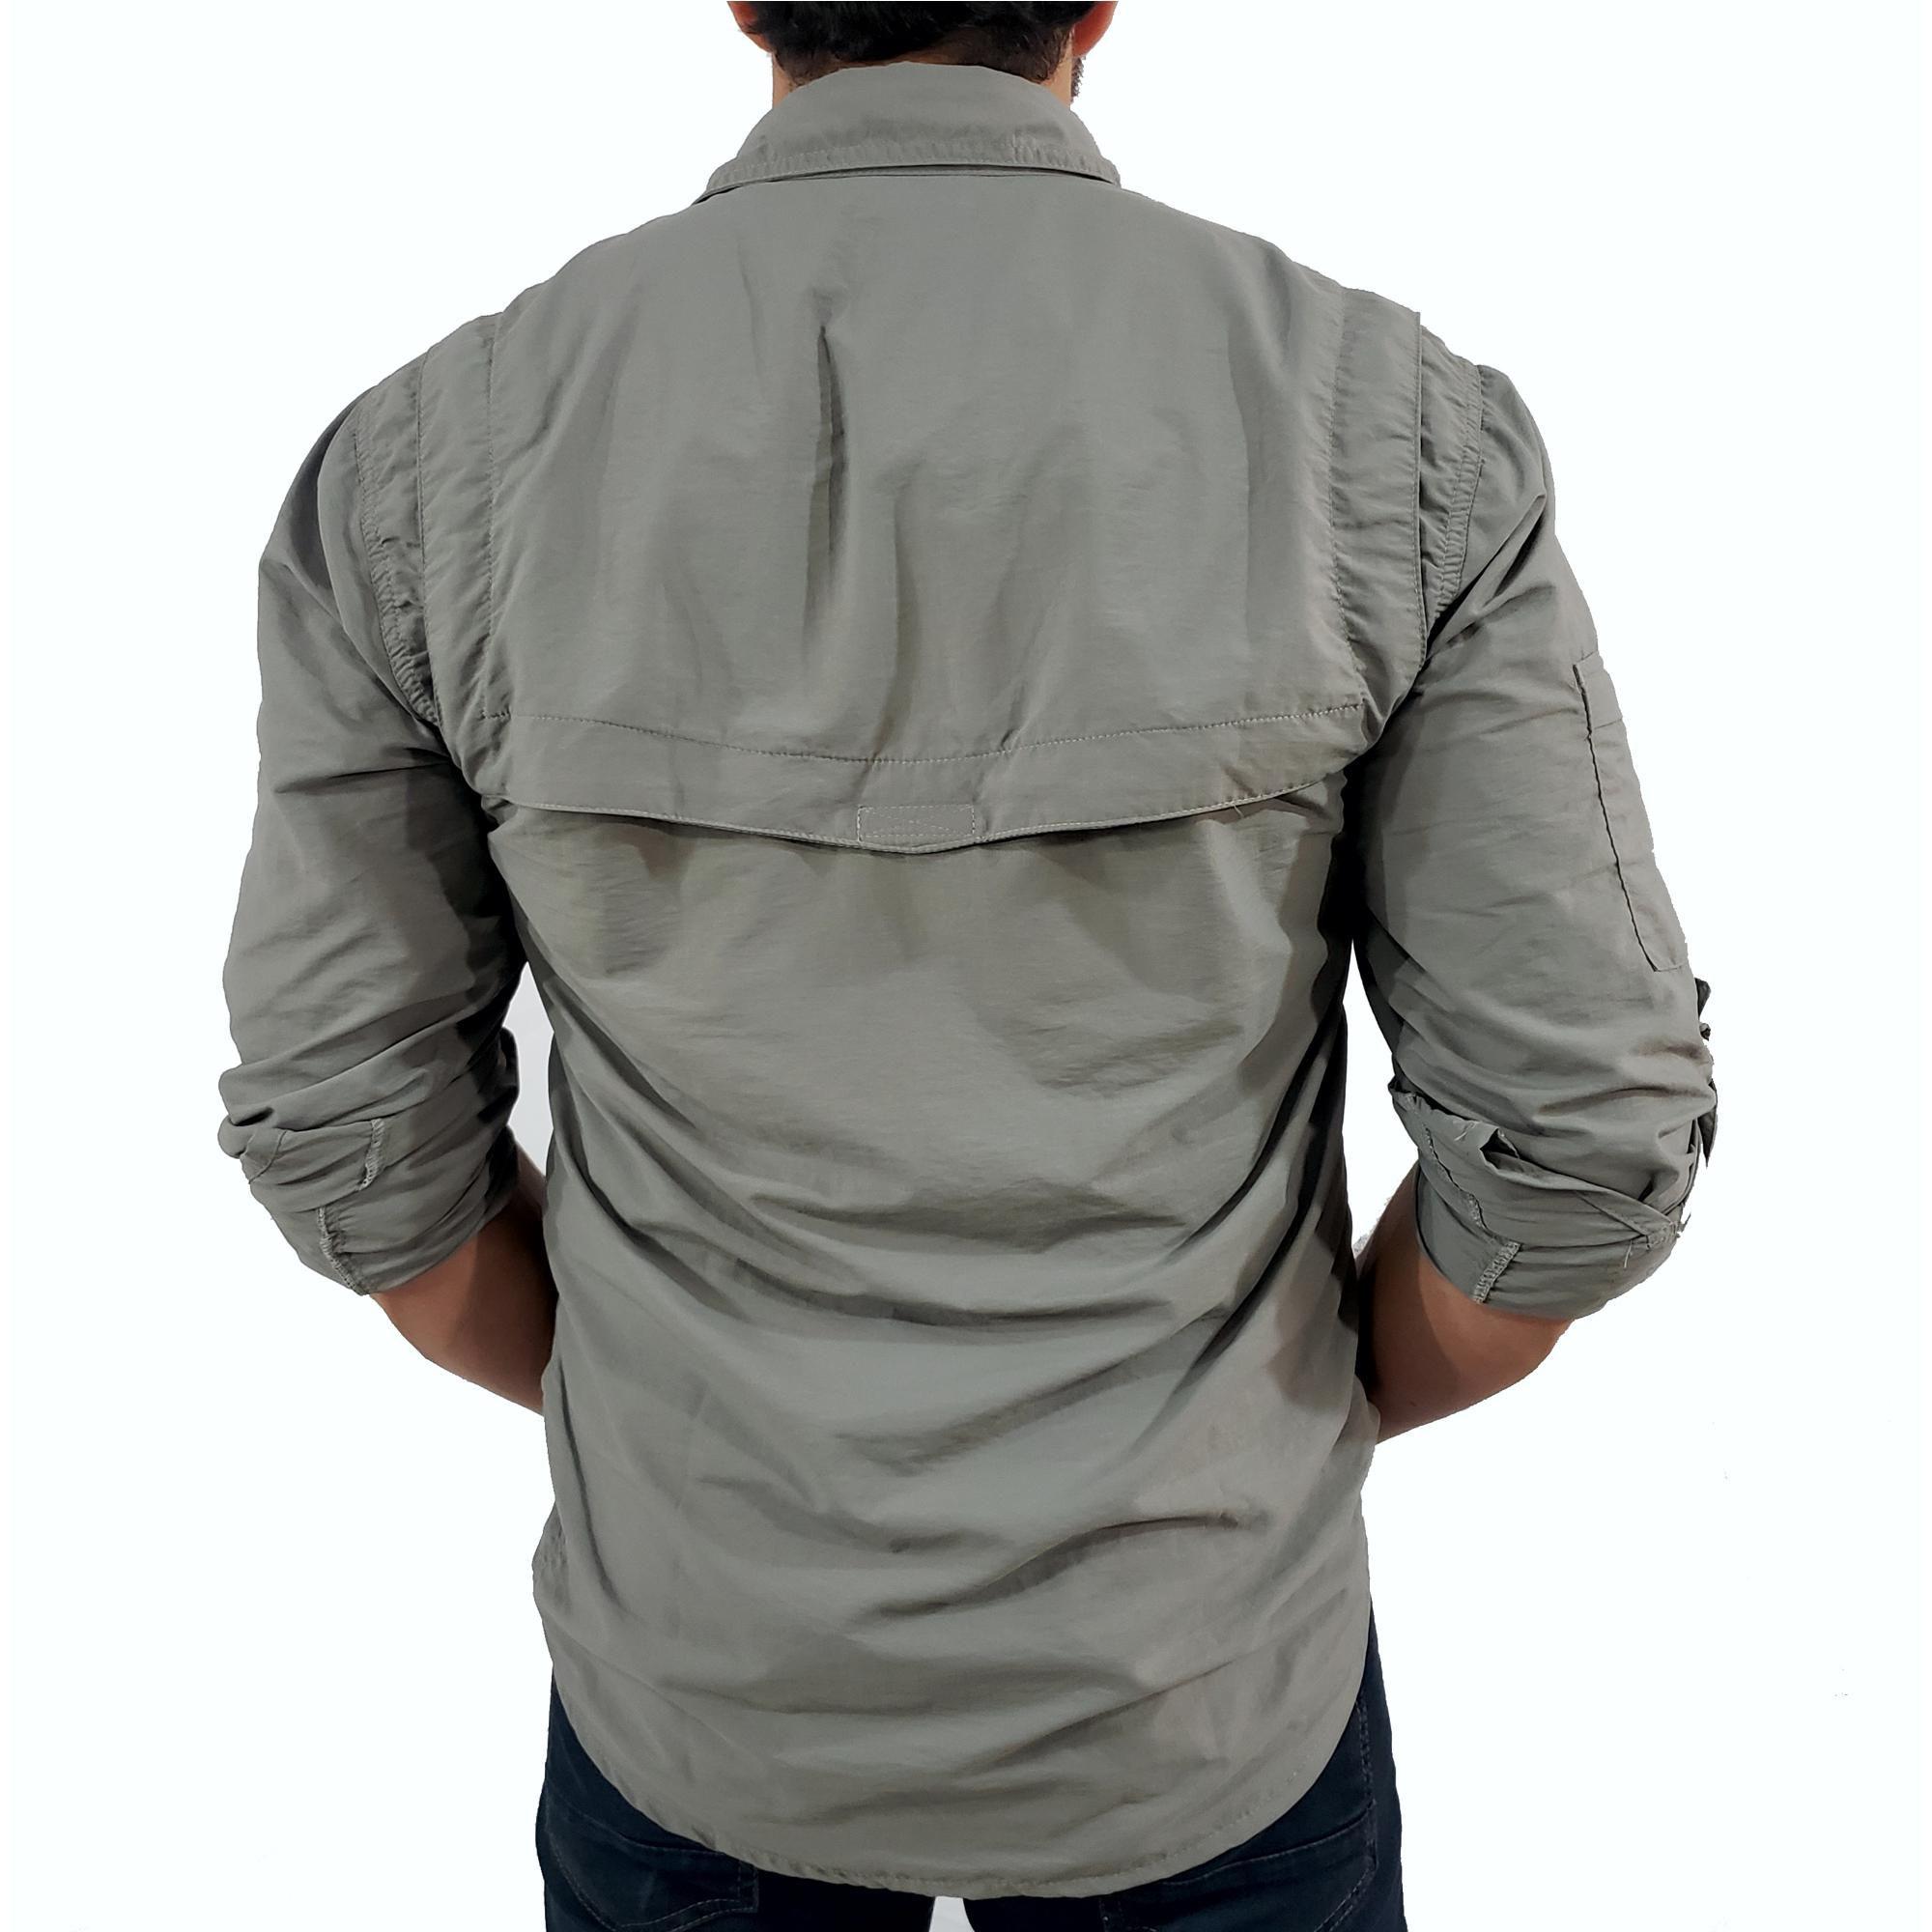 Camisa Masculina Hard Safari UV50+  Cimento -  Coleção Trekking 2020